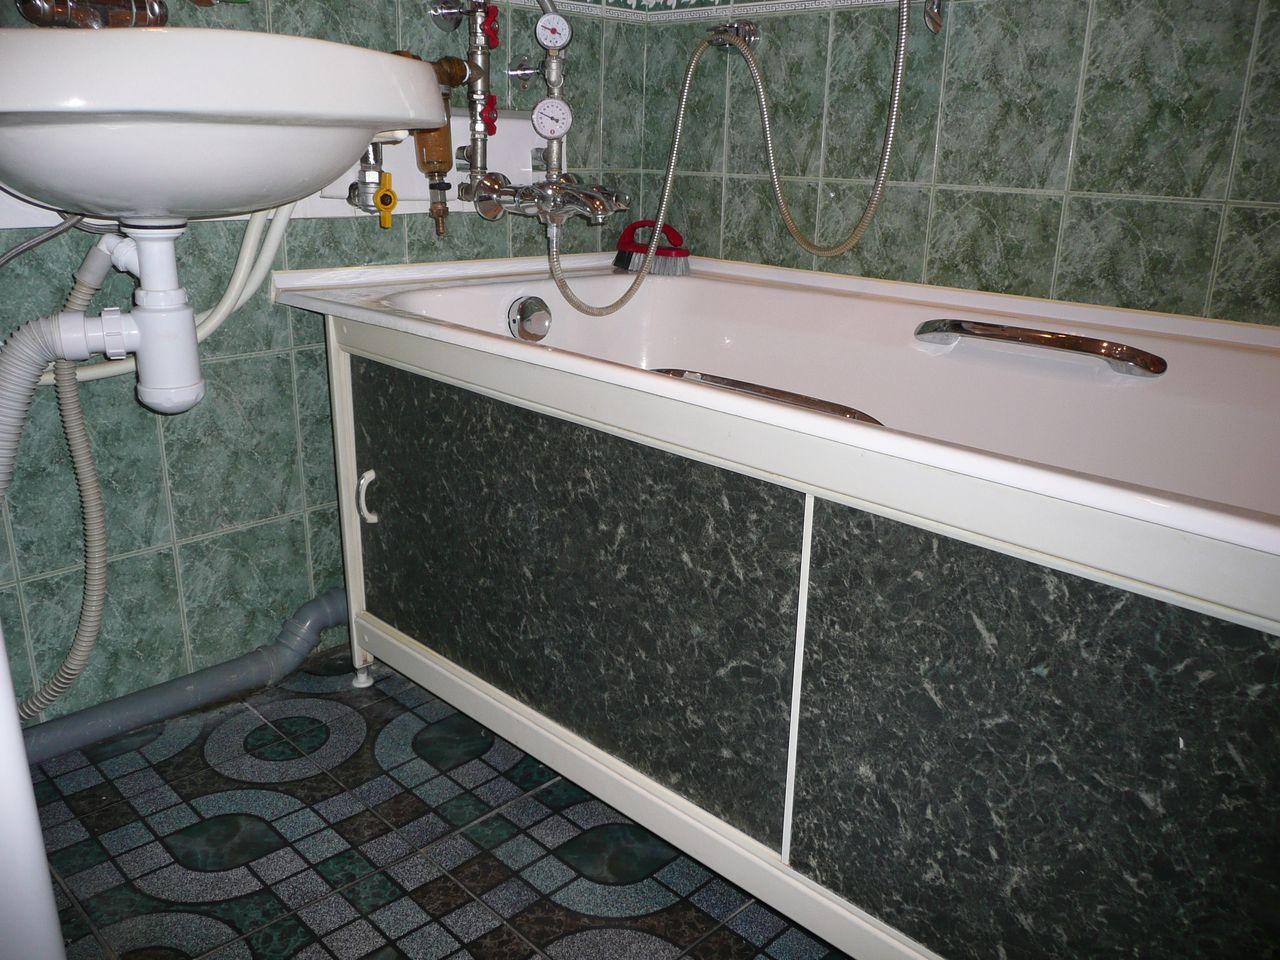 Экран из пластиковых панелей  для декорирования коммуникаций под ванной